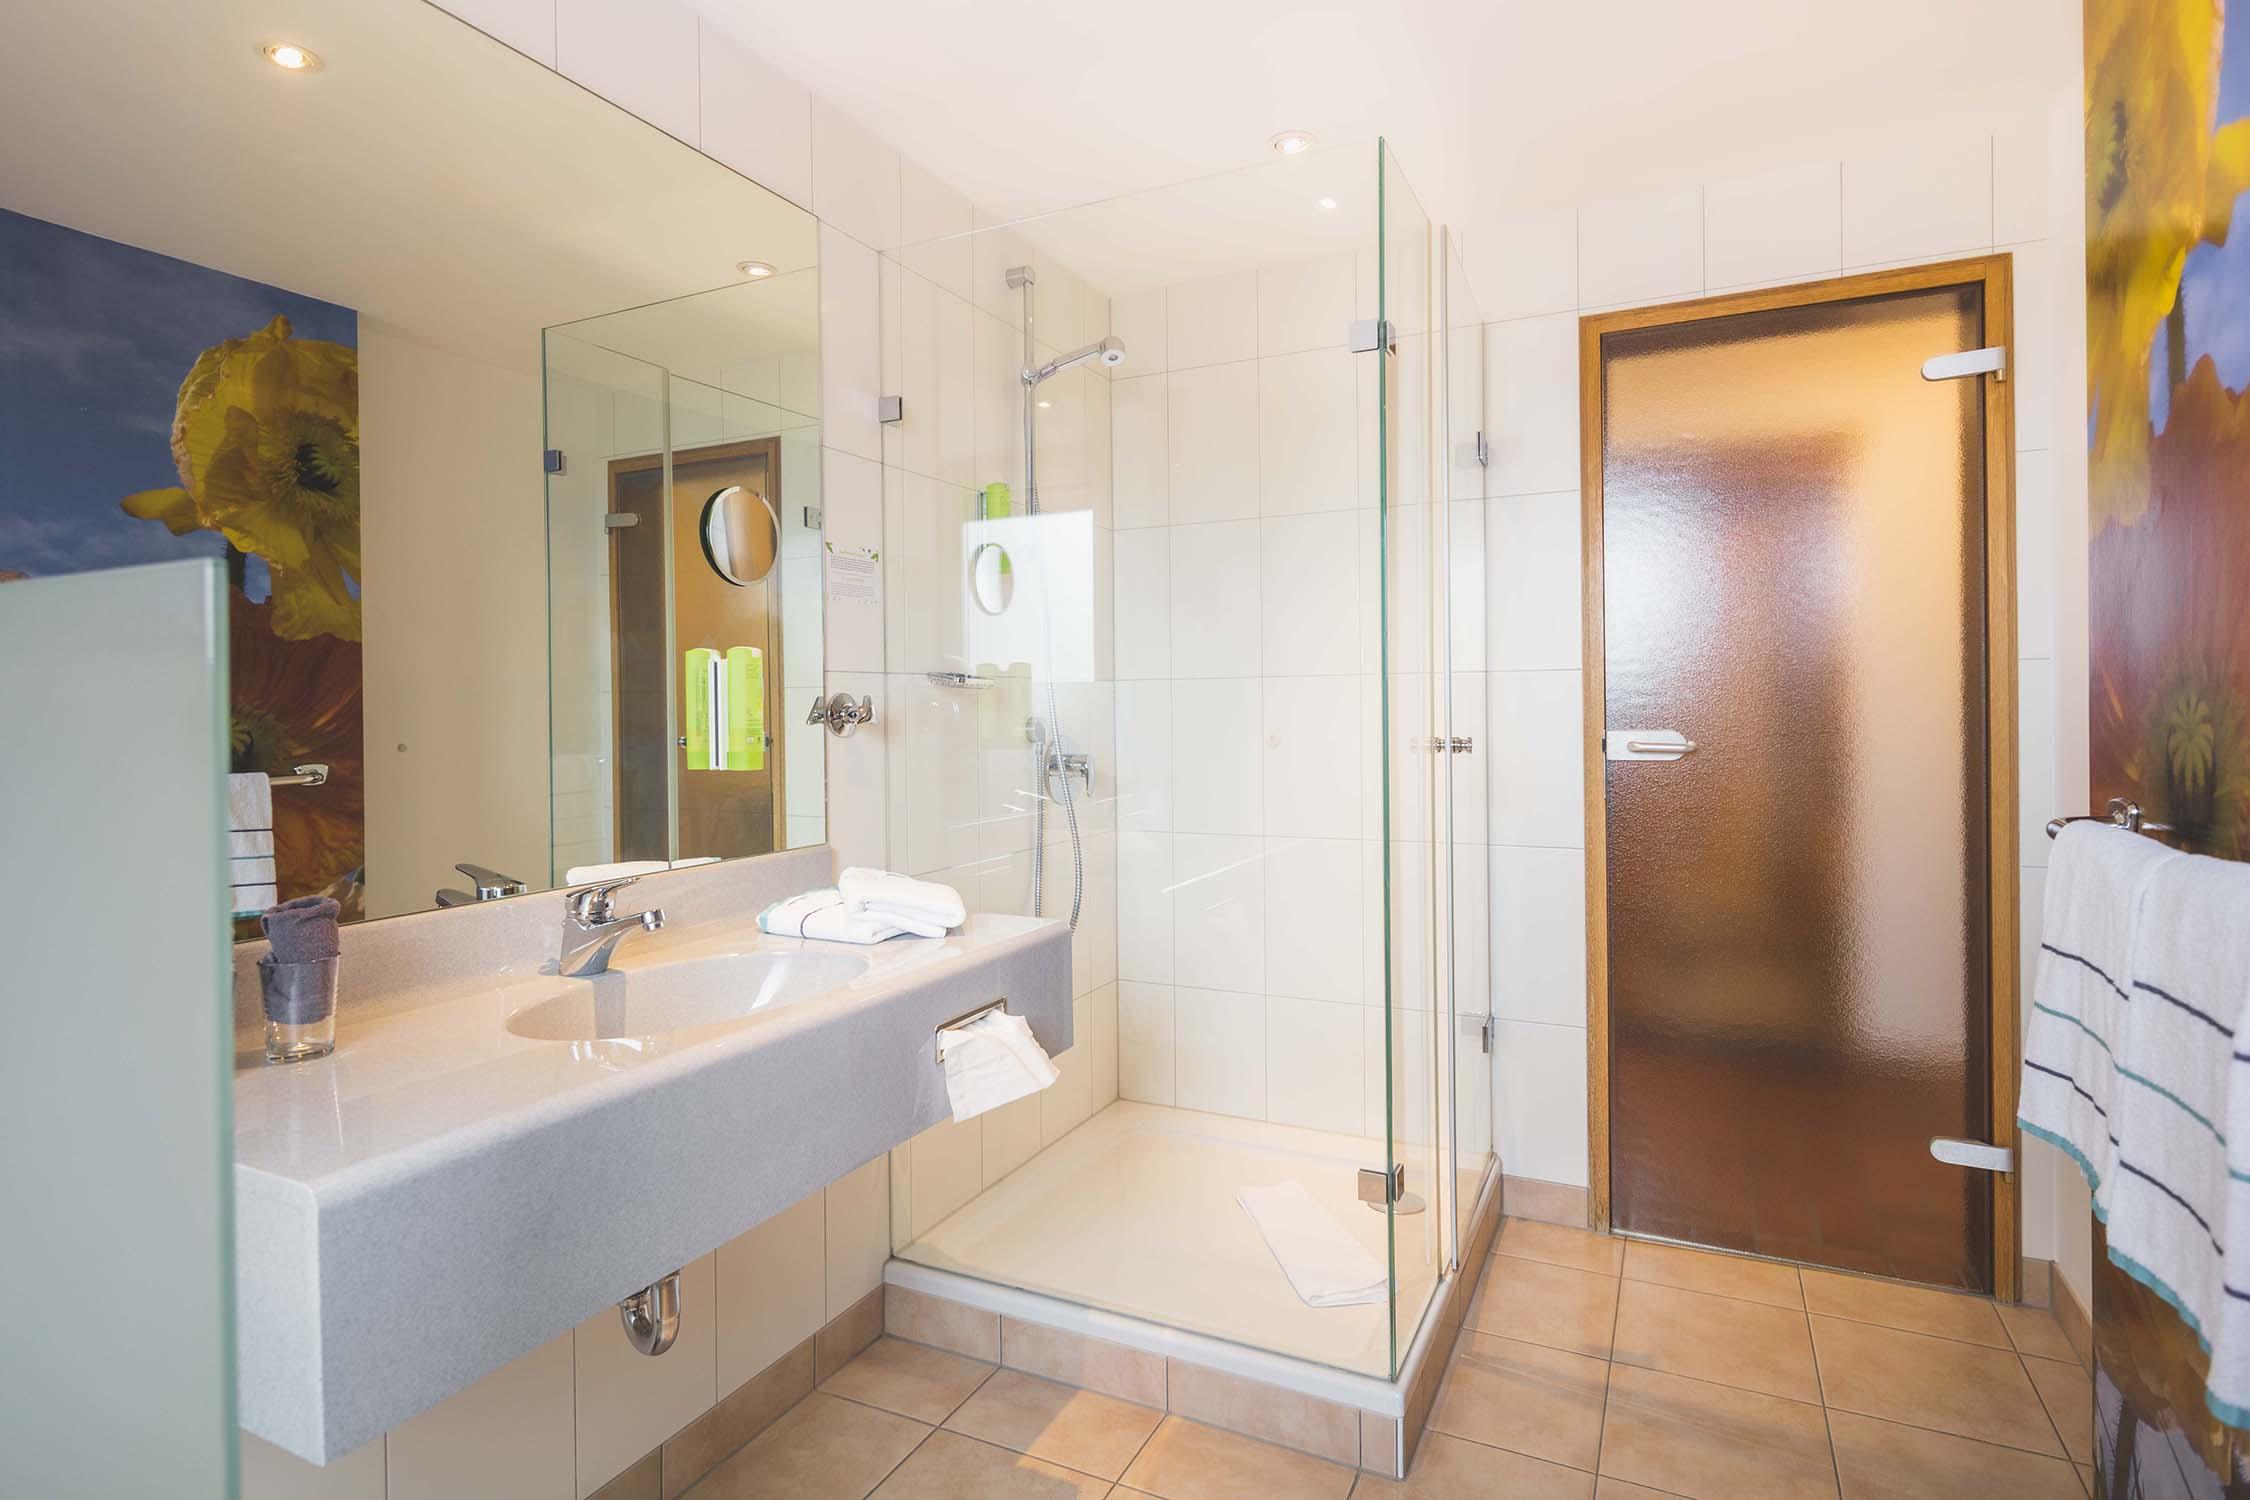 Fränkisches Burgzimmer Hotel Erlangen inspiriert von den Höhlen und Burgen der fränkischen Schweiz